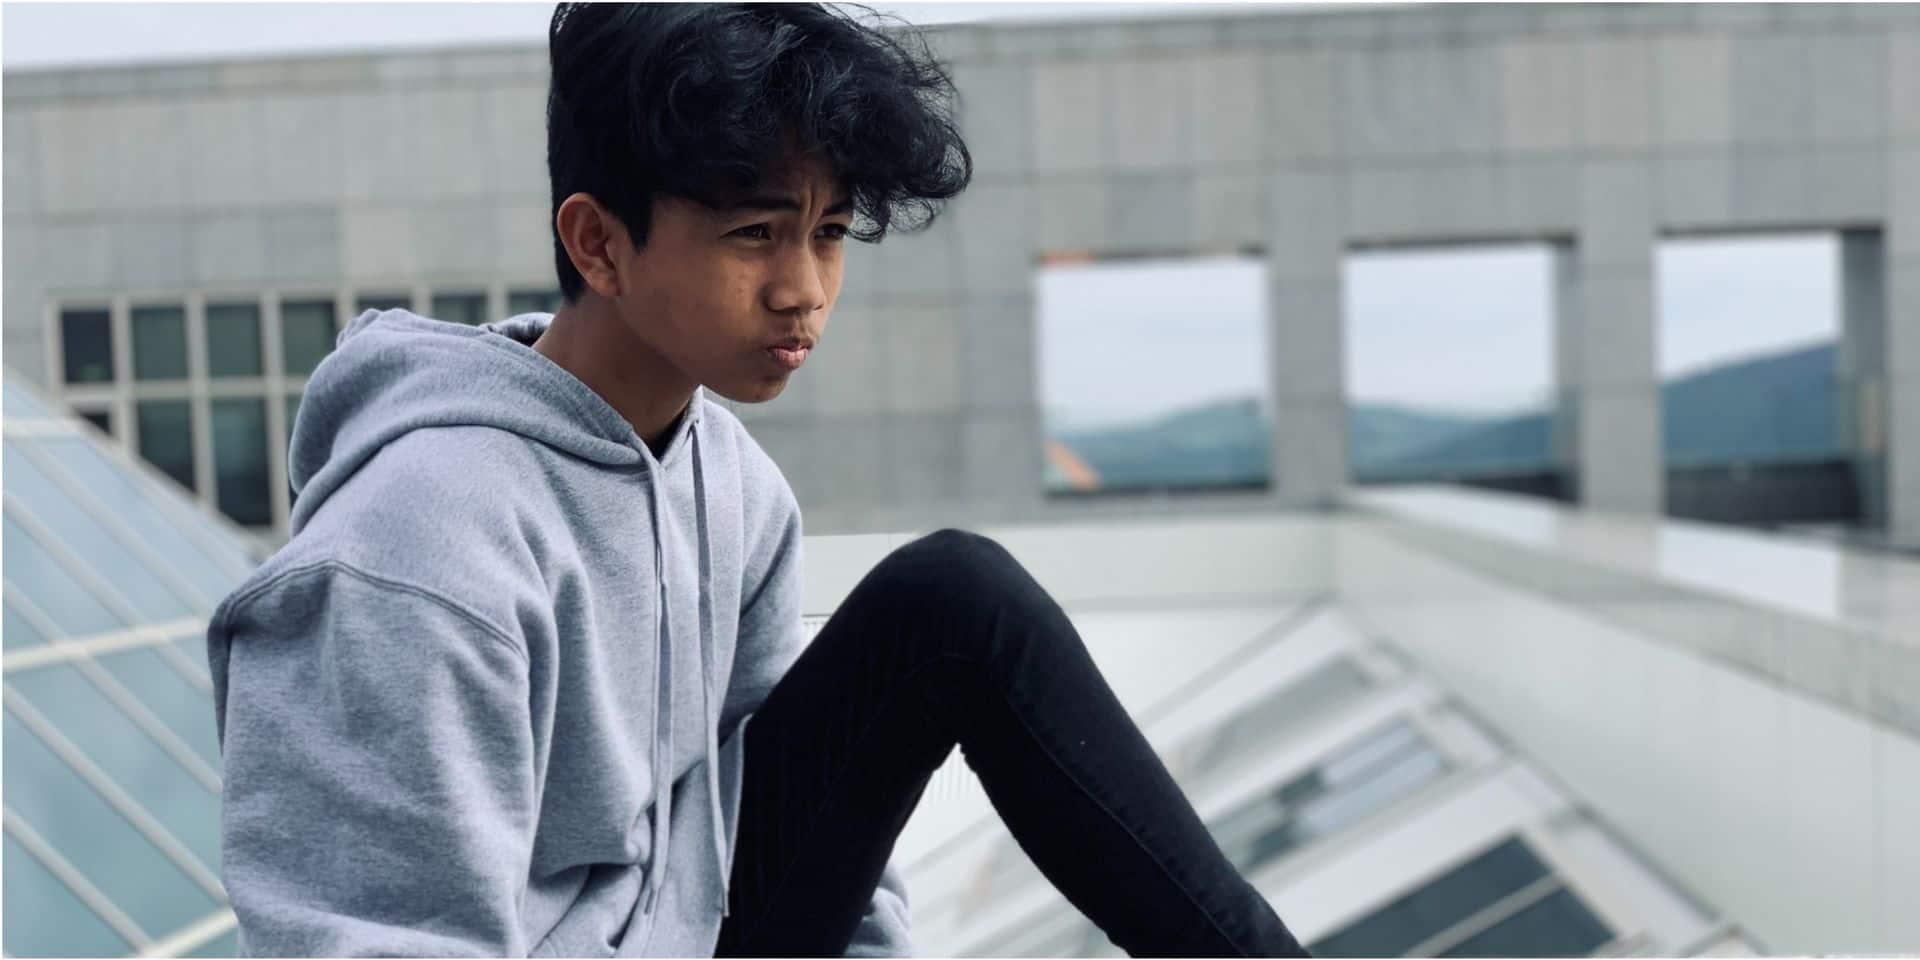 Psycho : comment faire face à des adolescents fermés ou agressifs